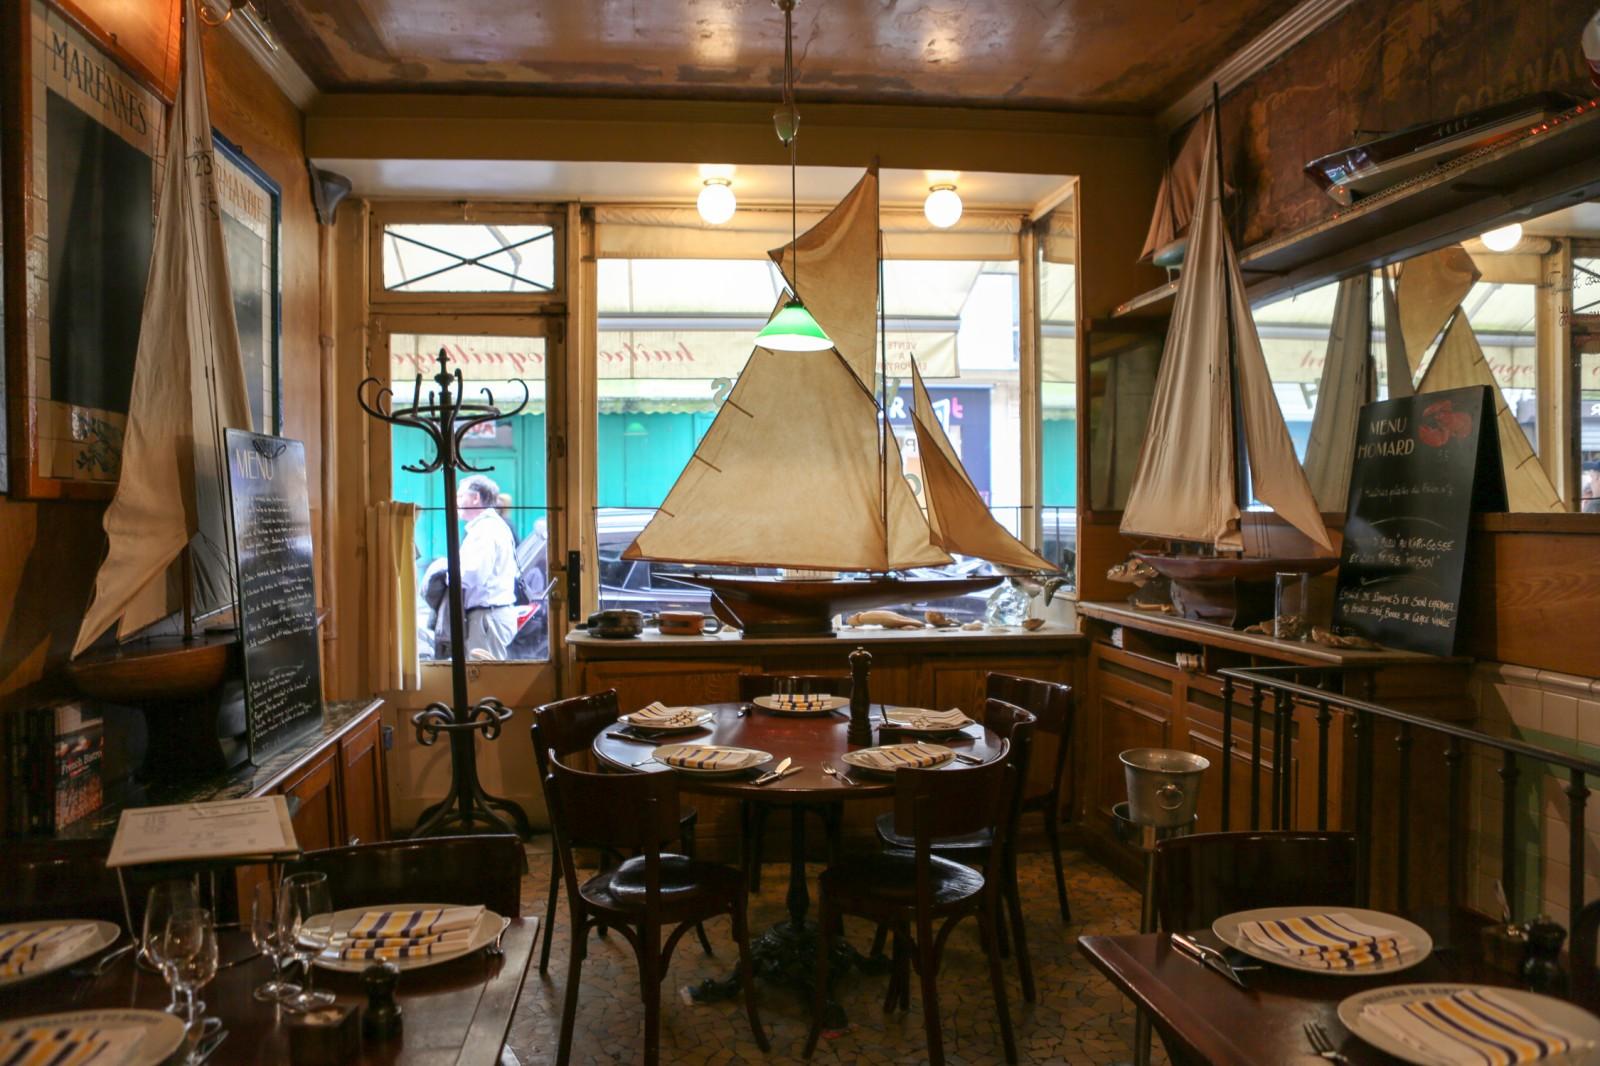 حرصنا على أن نقدم للسائح العربي في باريس أفضل المطاعم التي تقدم مأكولات بحرية شهية دون أن نغفل أن نضع أعيننا على لائحة الأثمان